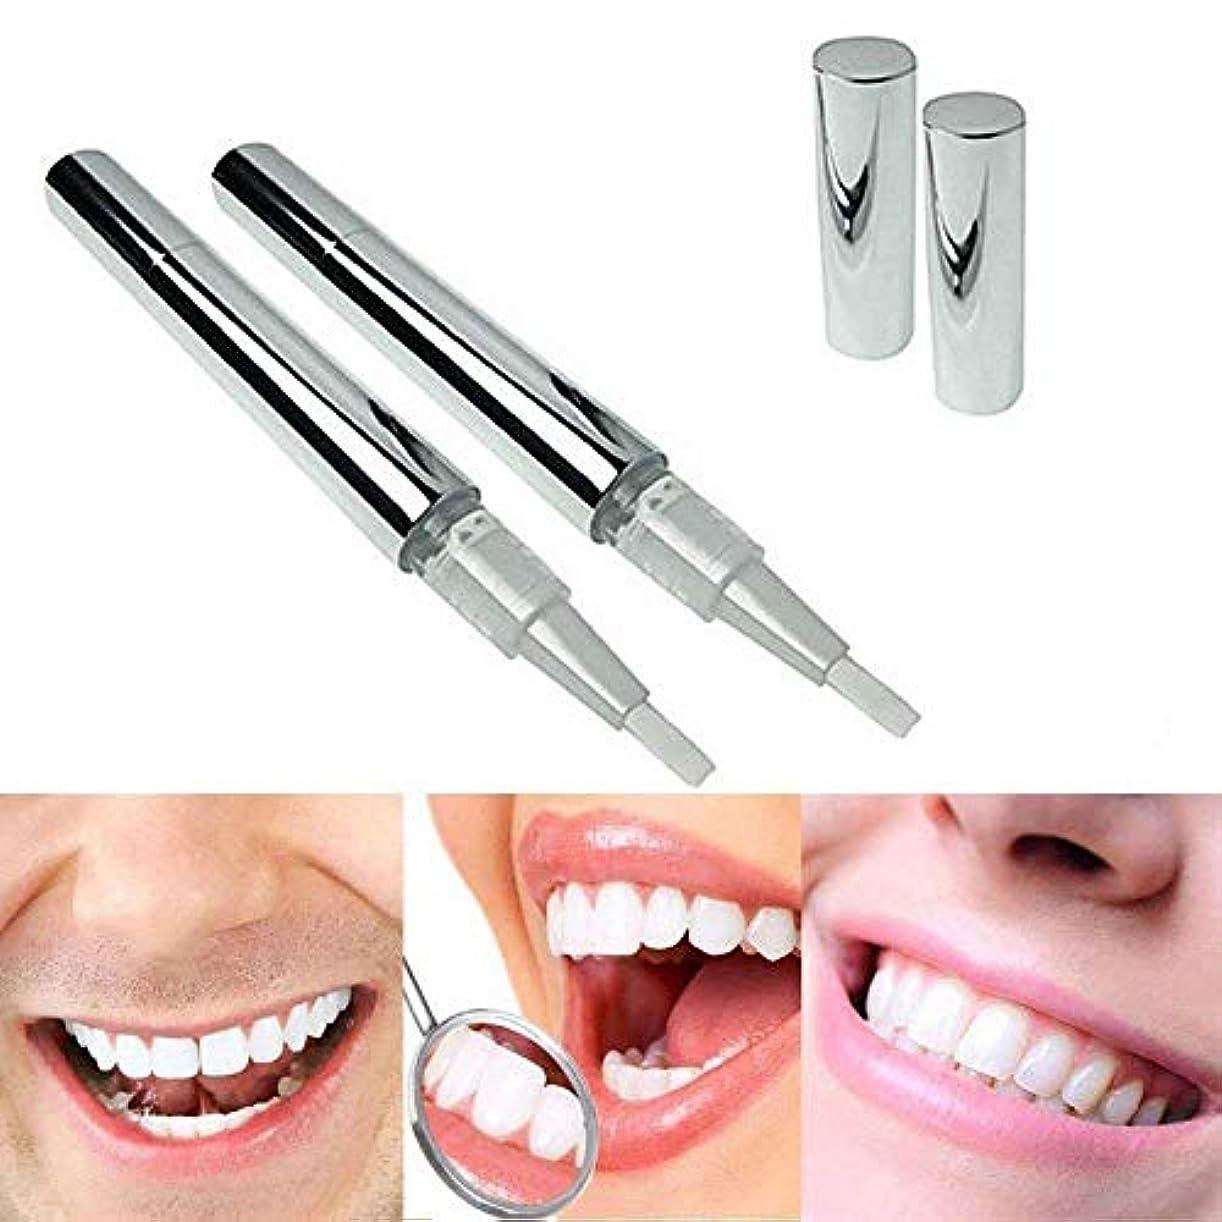 復活させる呪い感度MercuryGo 美白歯ゲル 歯 ホワイトニングペン ホワイトニングペン 歯ブラシ 輝く笑顔 口臭防止 歯周病防止 2本